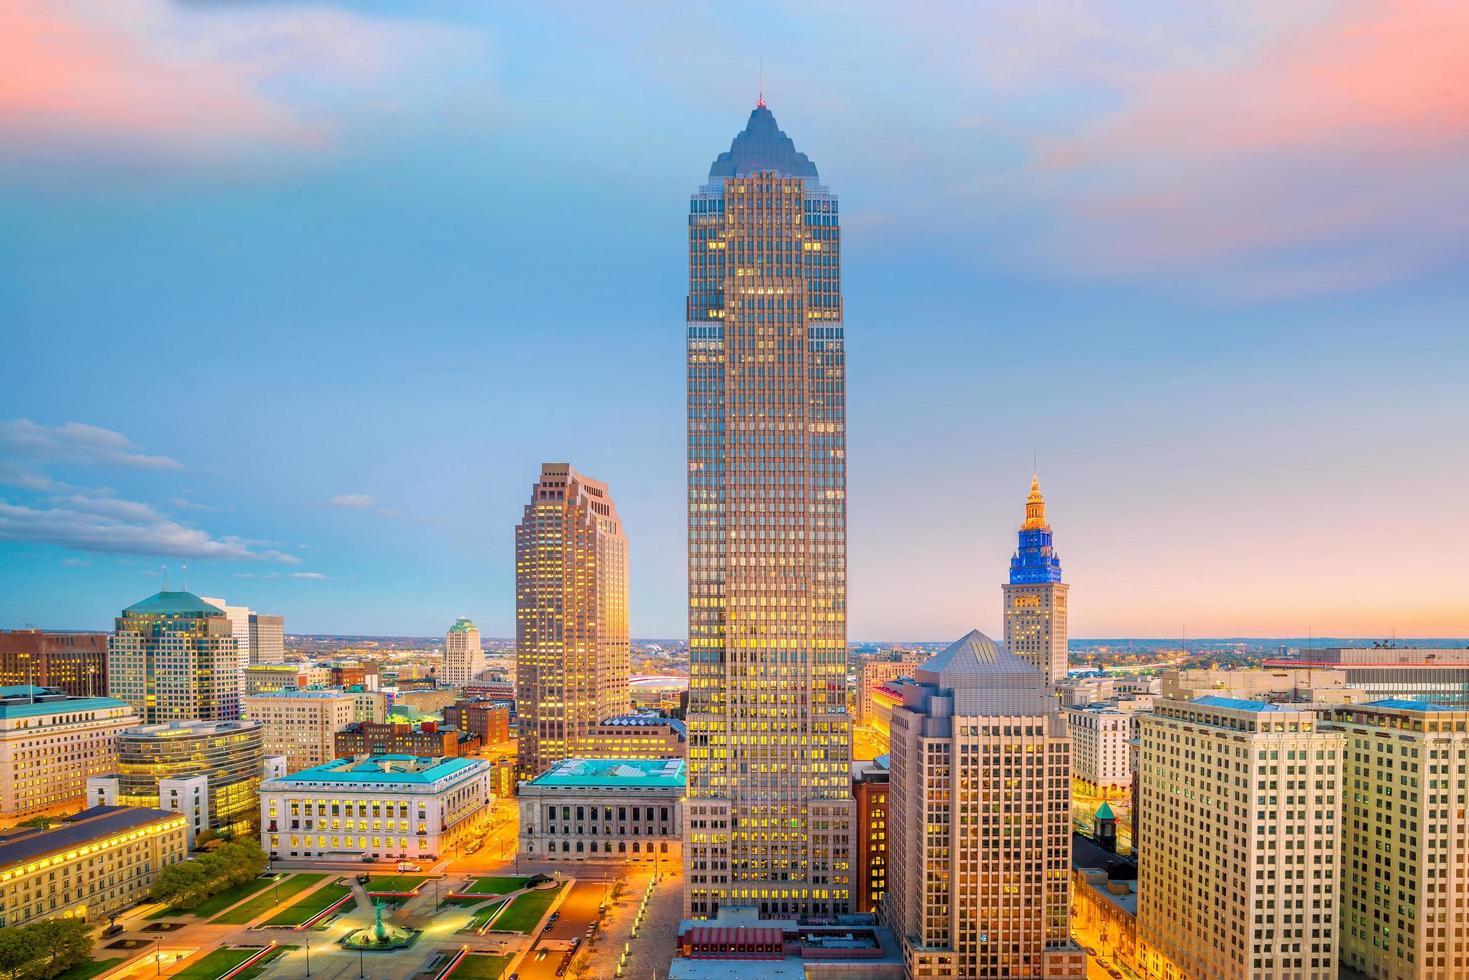 Blick auf die Innenstadt von Cleveland foto